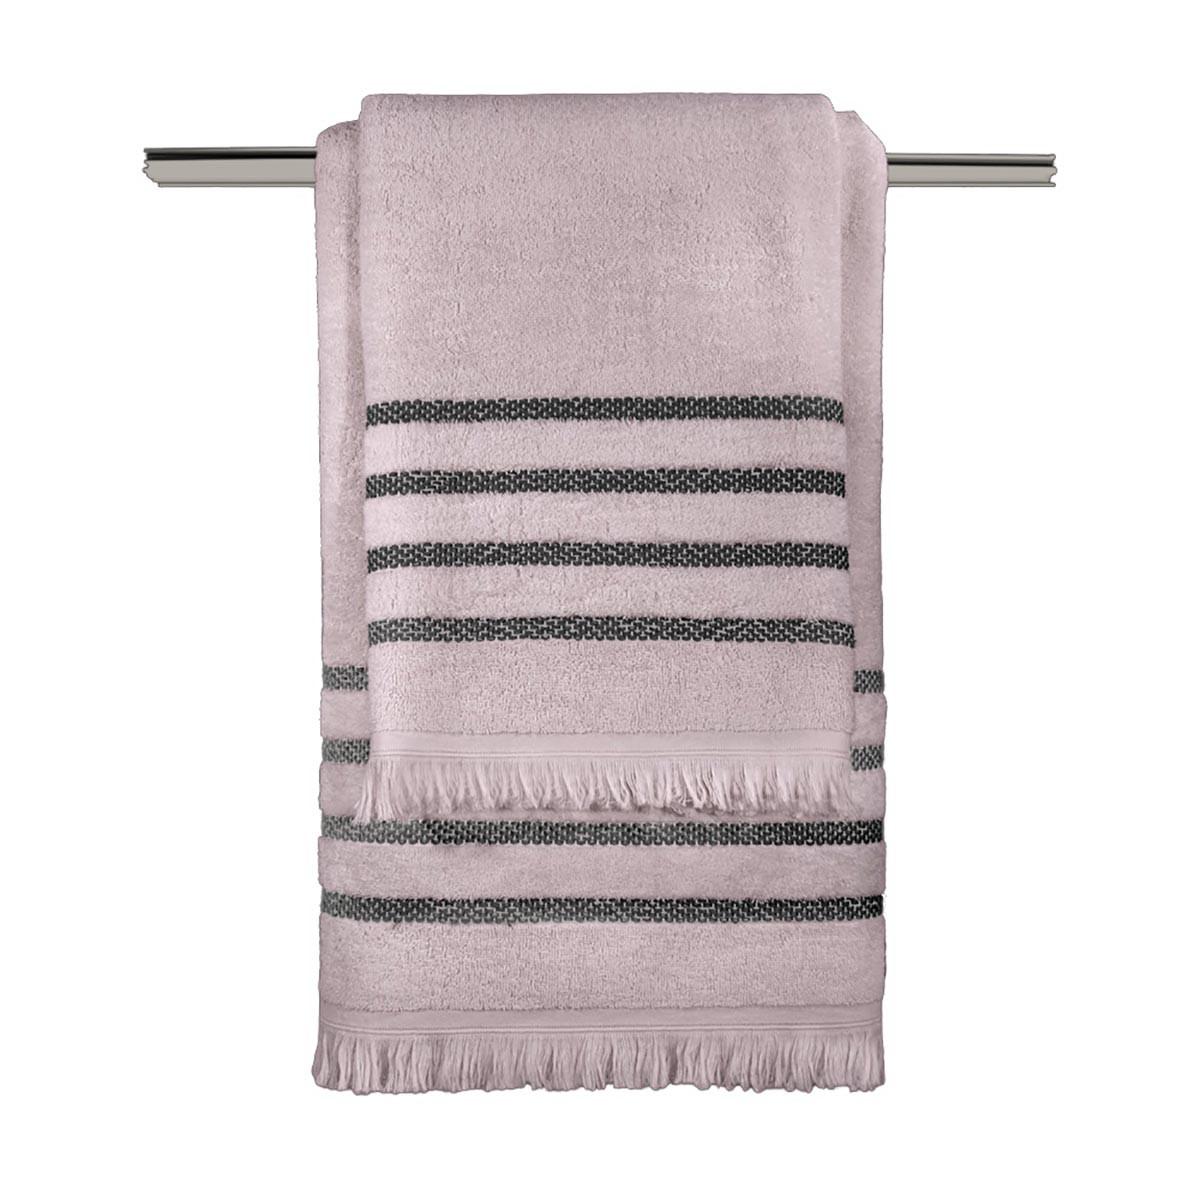 Πετσέτες Μπάνιου (Σετ 3τμχ) Guy Laroche Fabiana Amethyst